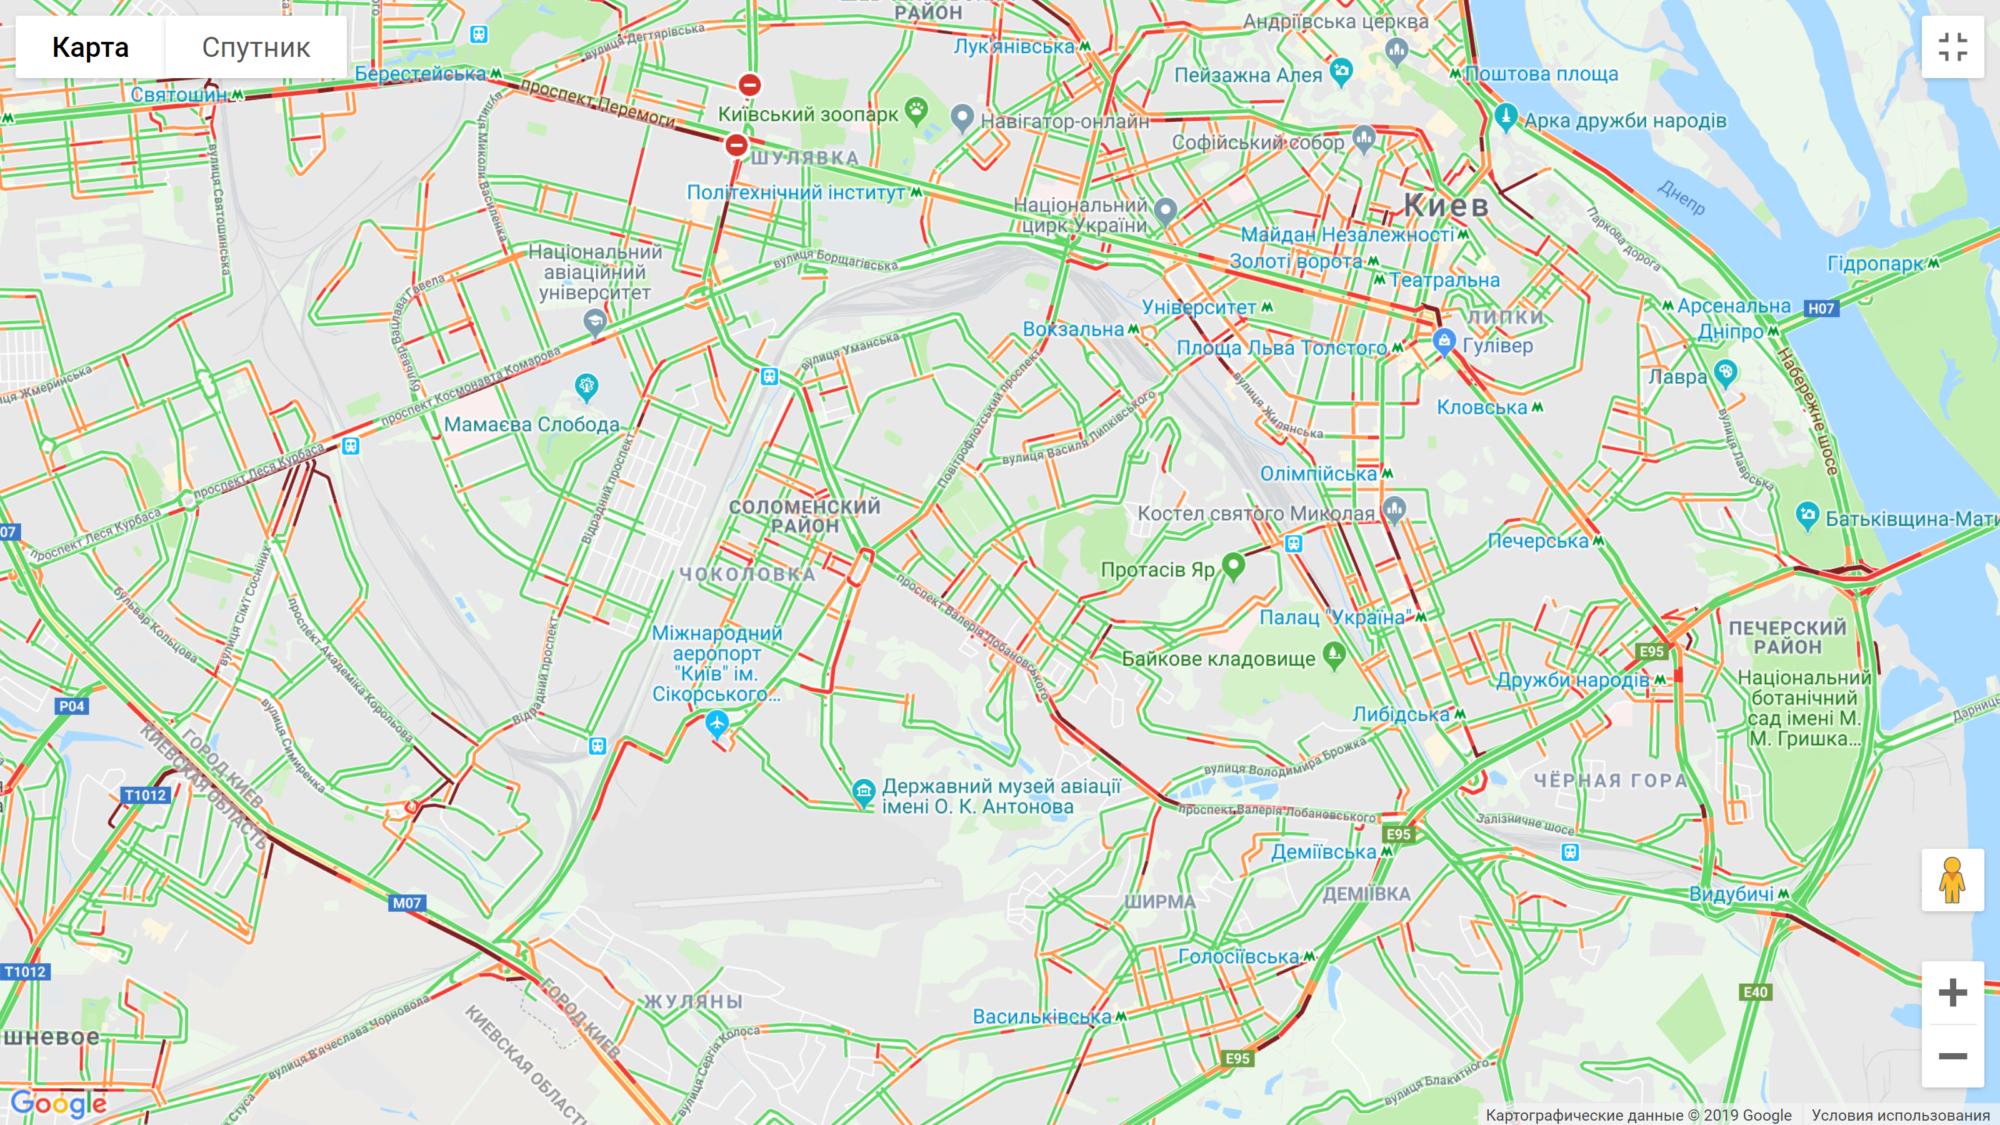 Нескінченні затори на дорогах Києва - пробки - image 14 2000x1125